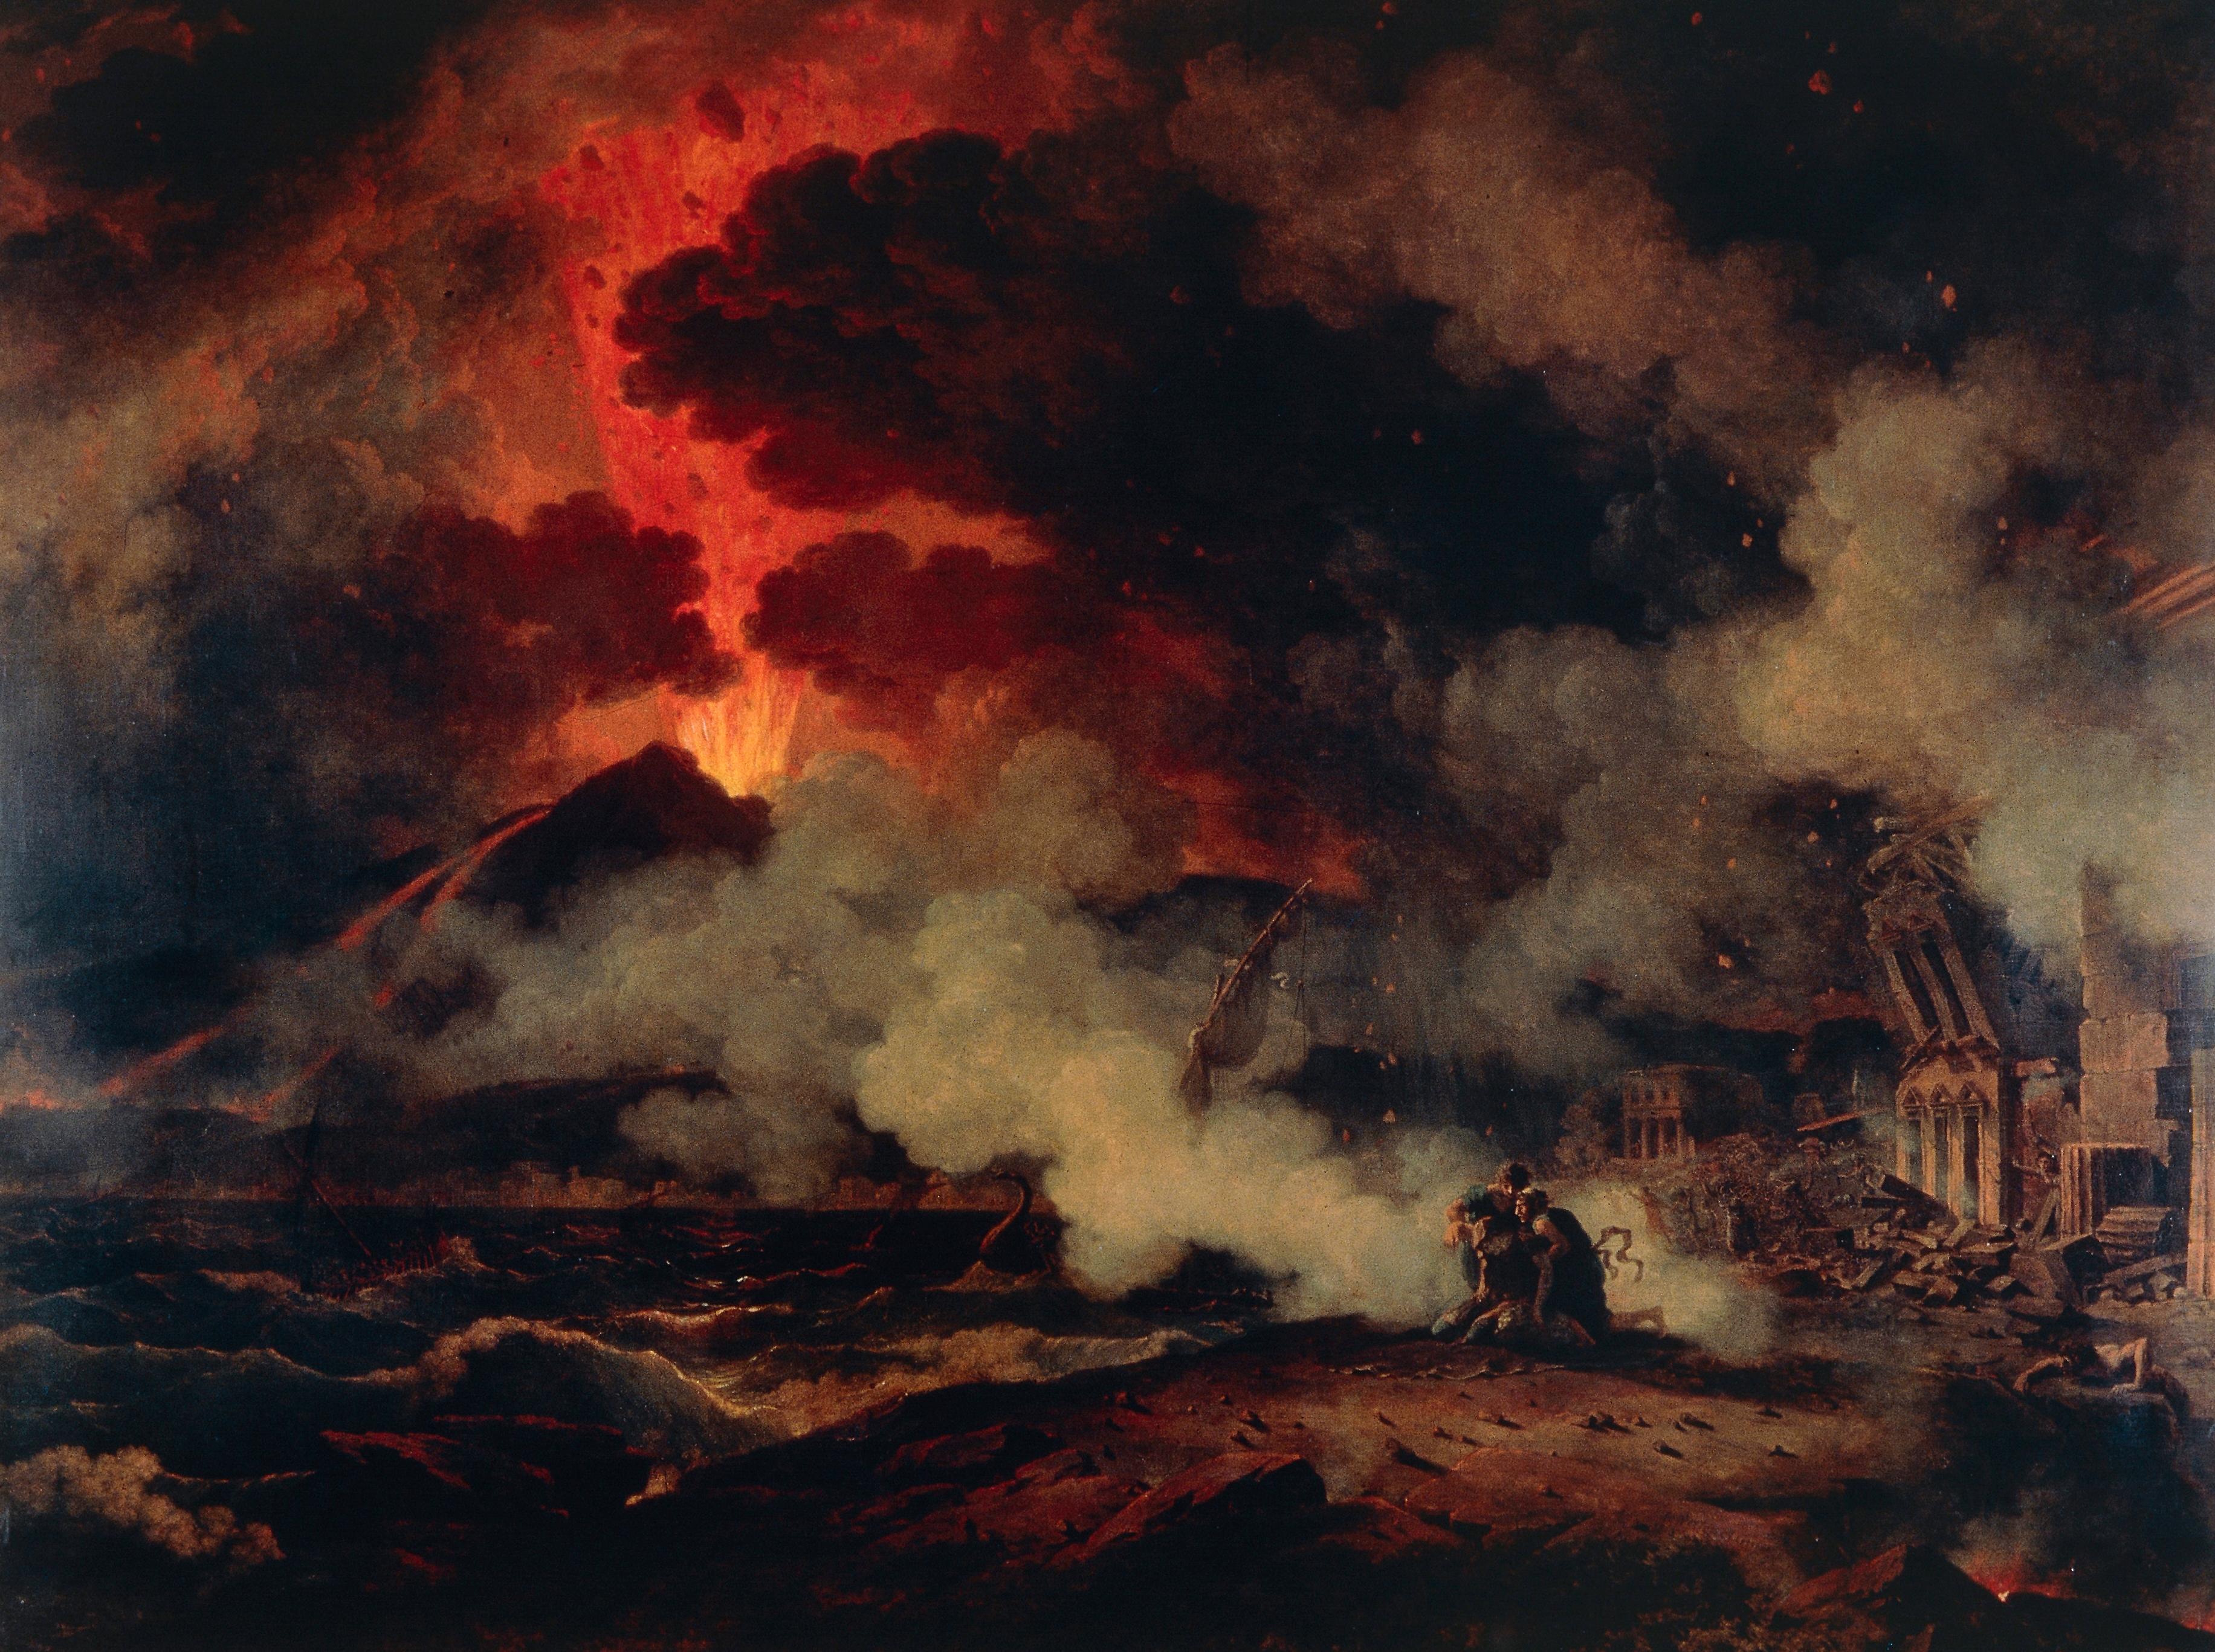 Vesuvius' eruption